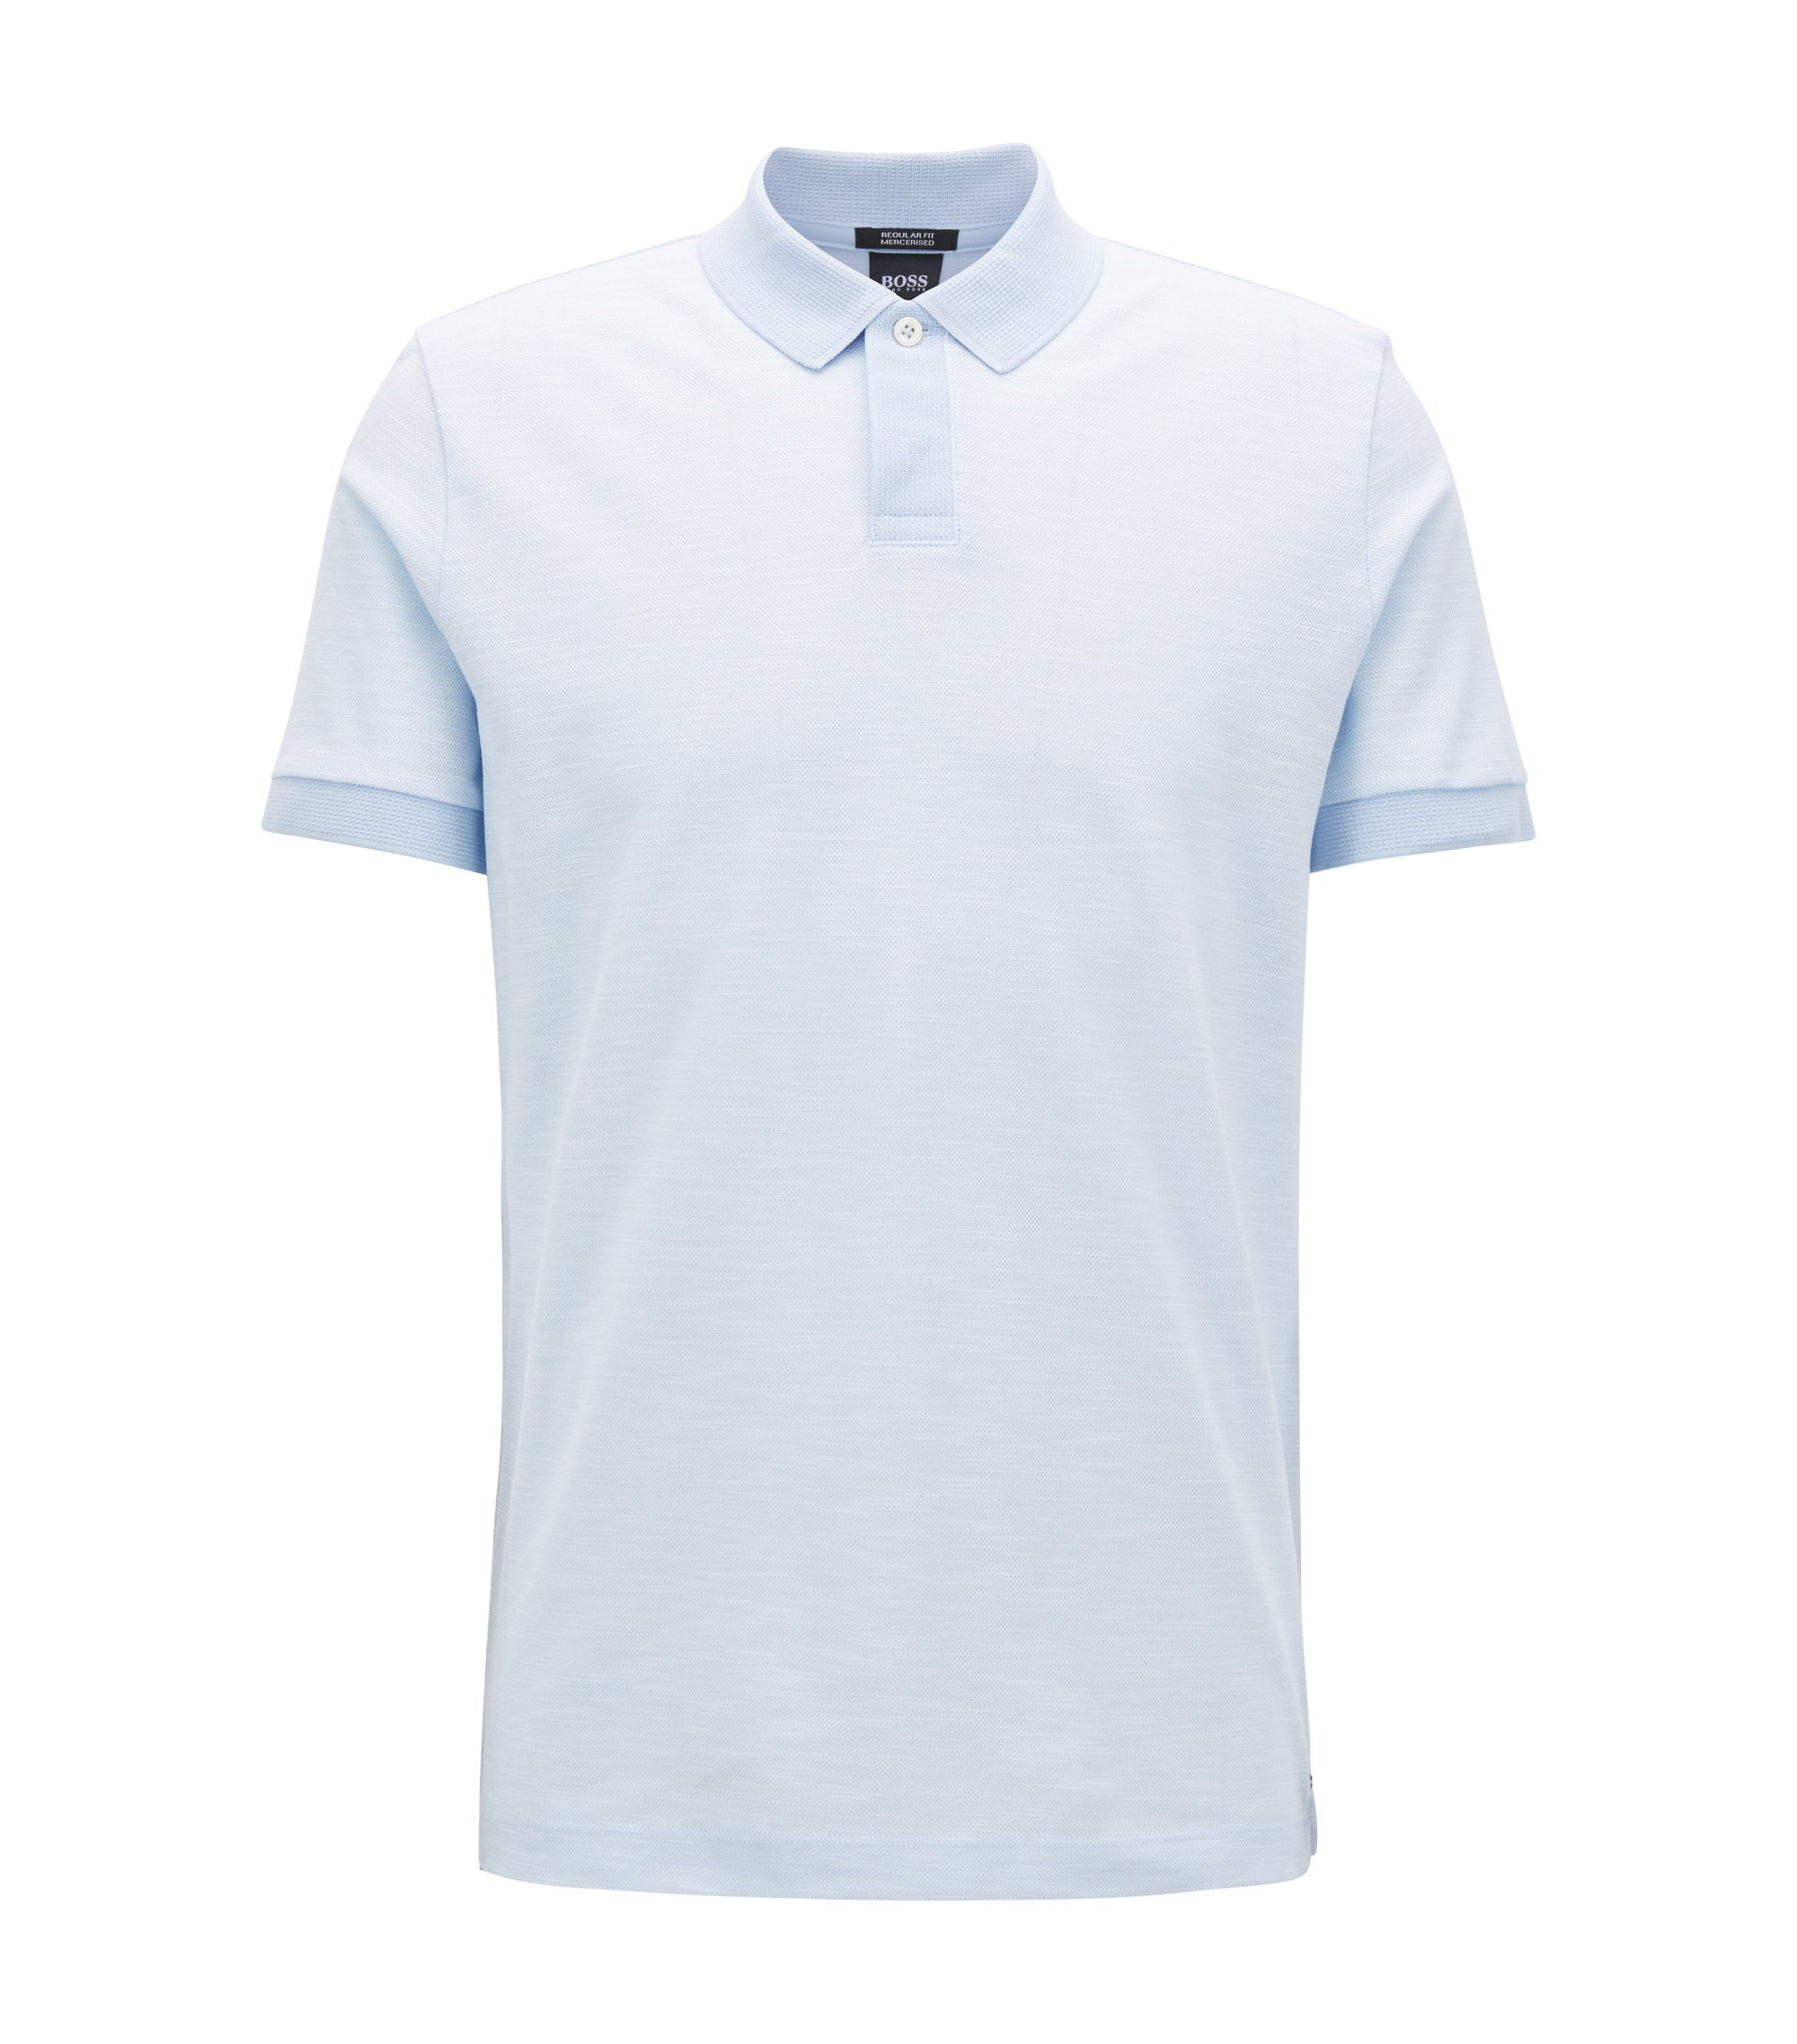 Zweifarbiges Poloshirt aus Baumwoll-Piqué, Hellblau